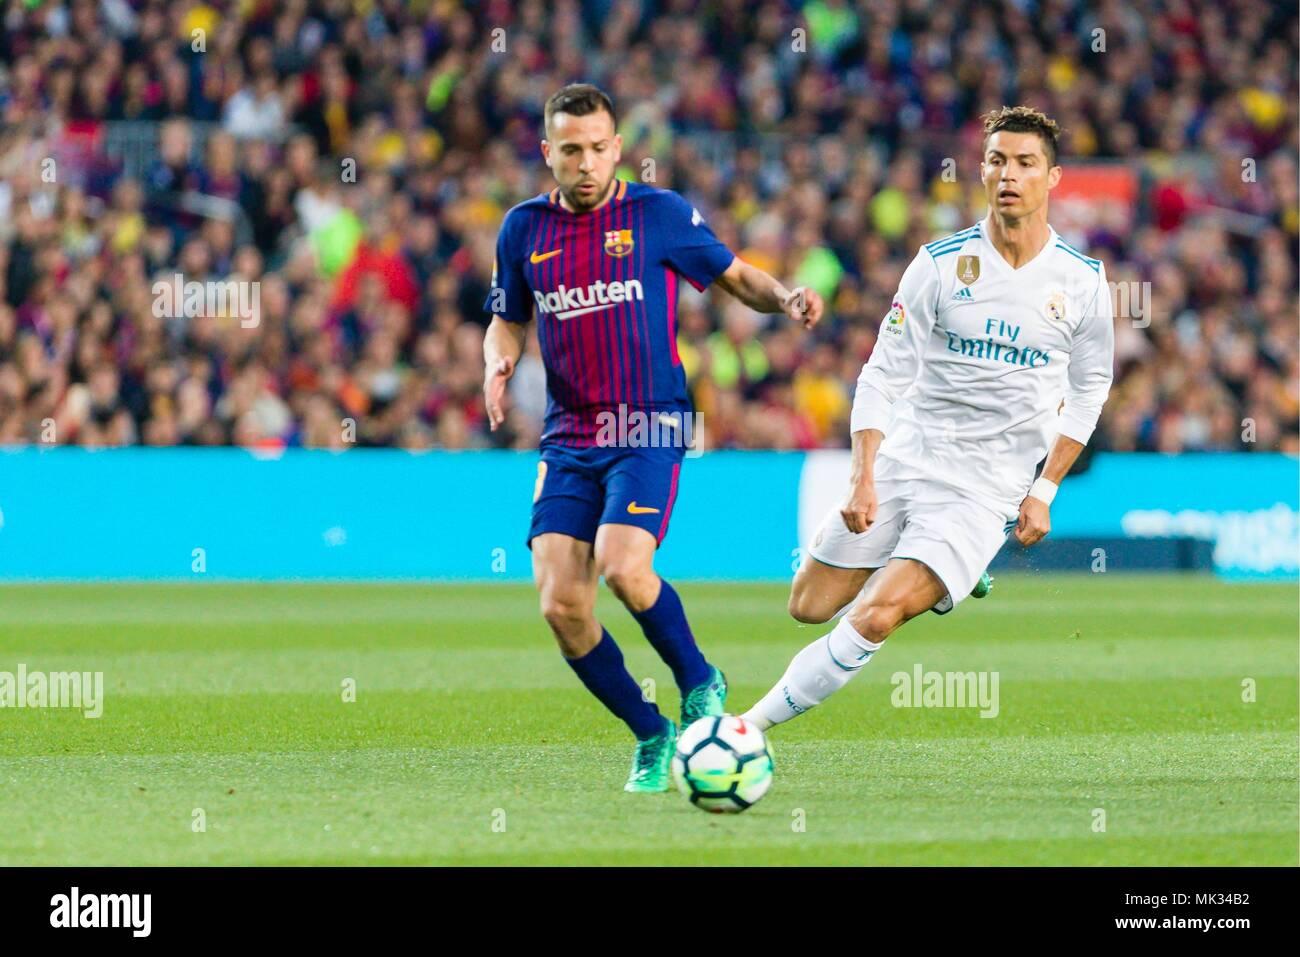 Avance Real Madrid Cristiano Ronaldo 7 Y El Defensor Del Fc